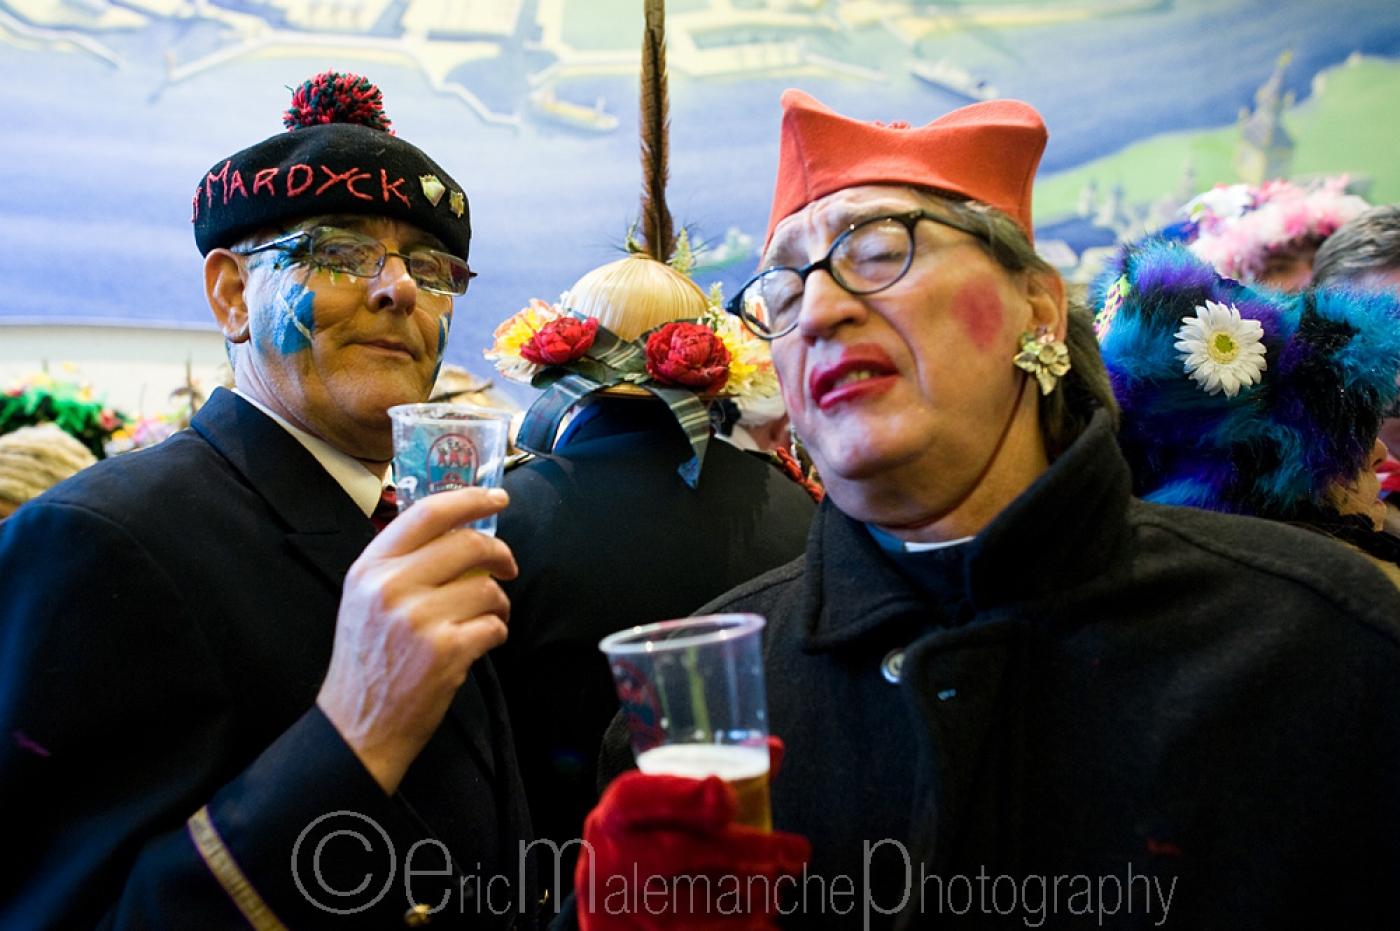 https://www.ericmalemanche.com/imagess/topics/carnaval-de-dunkerque/liste/Carnaval-Dunkerque-1578.jpg